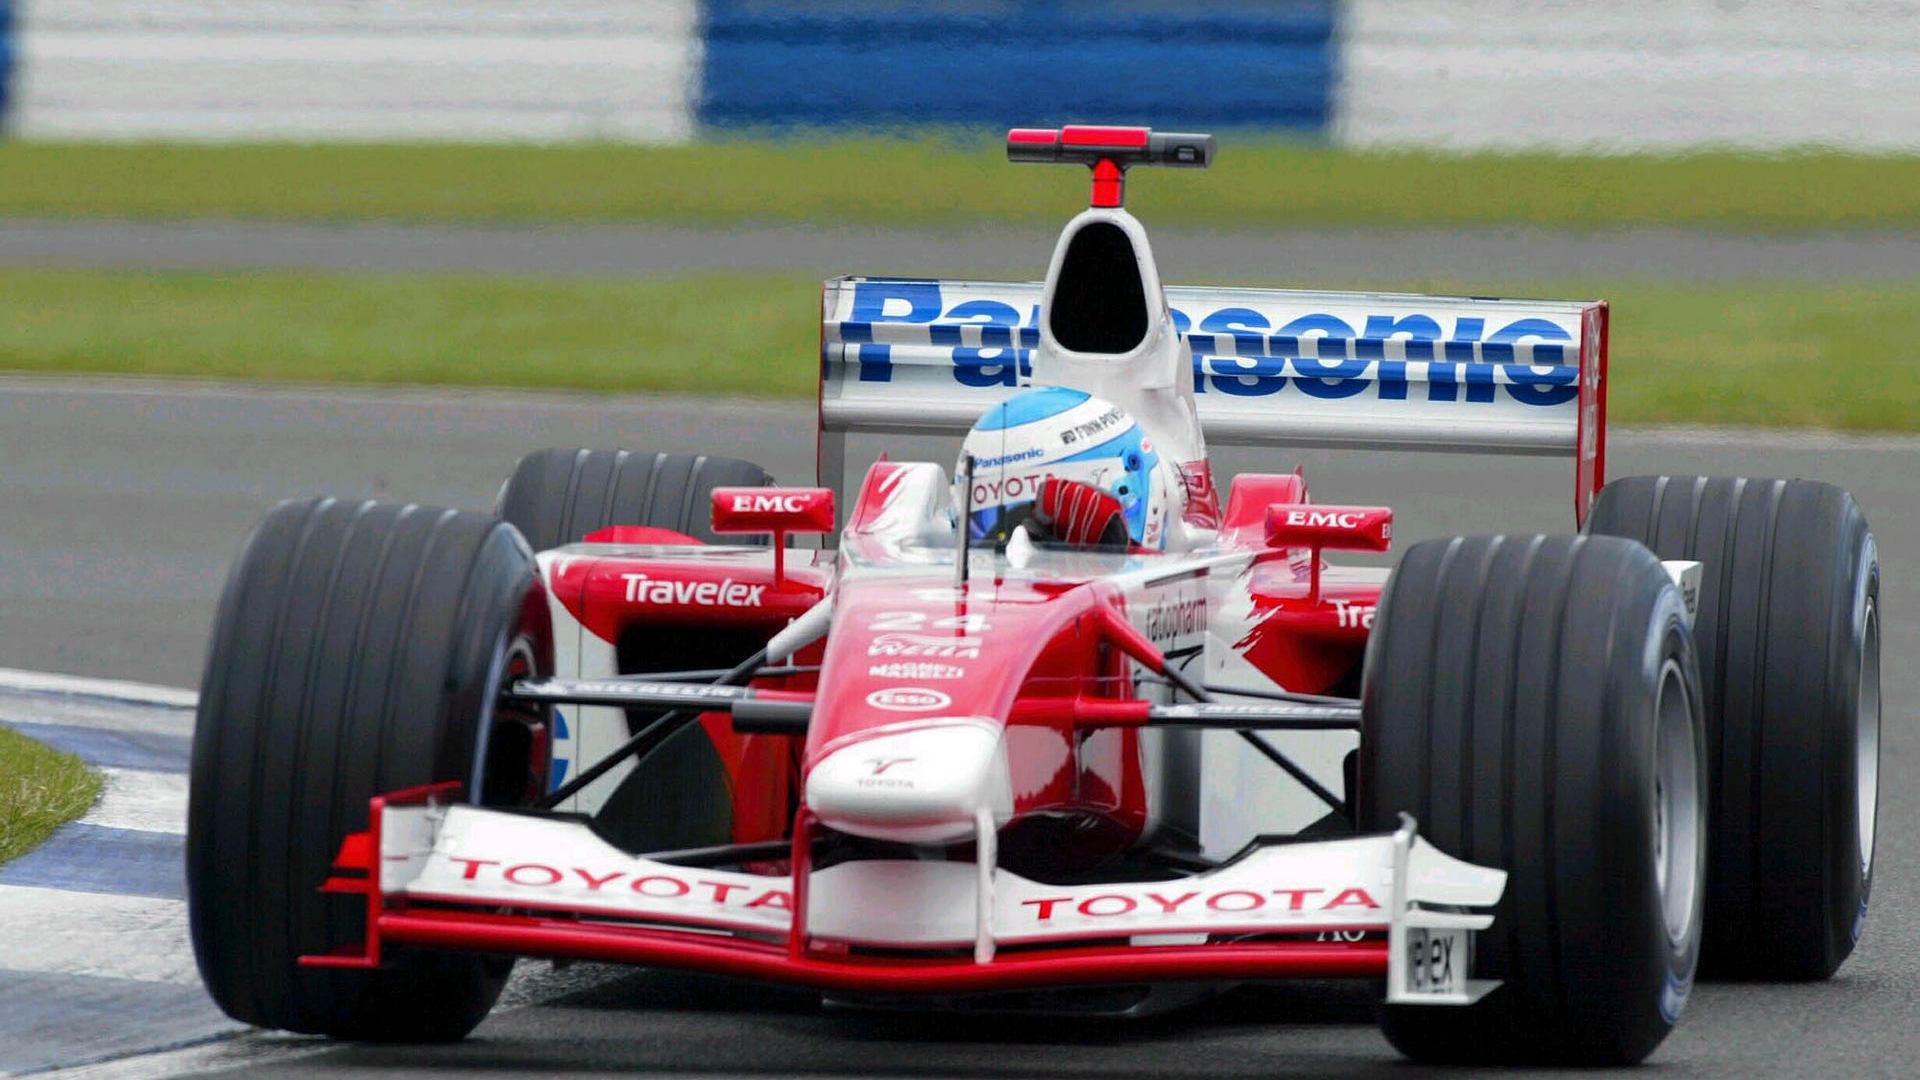 Toyota F1, equipe histórica de Formula 1 de 2002 - by f1-fansite.com